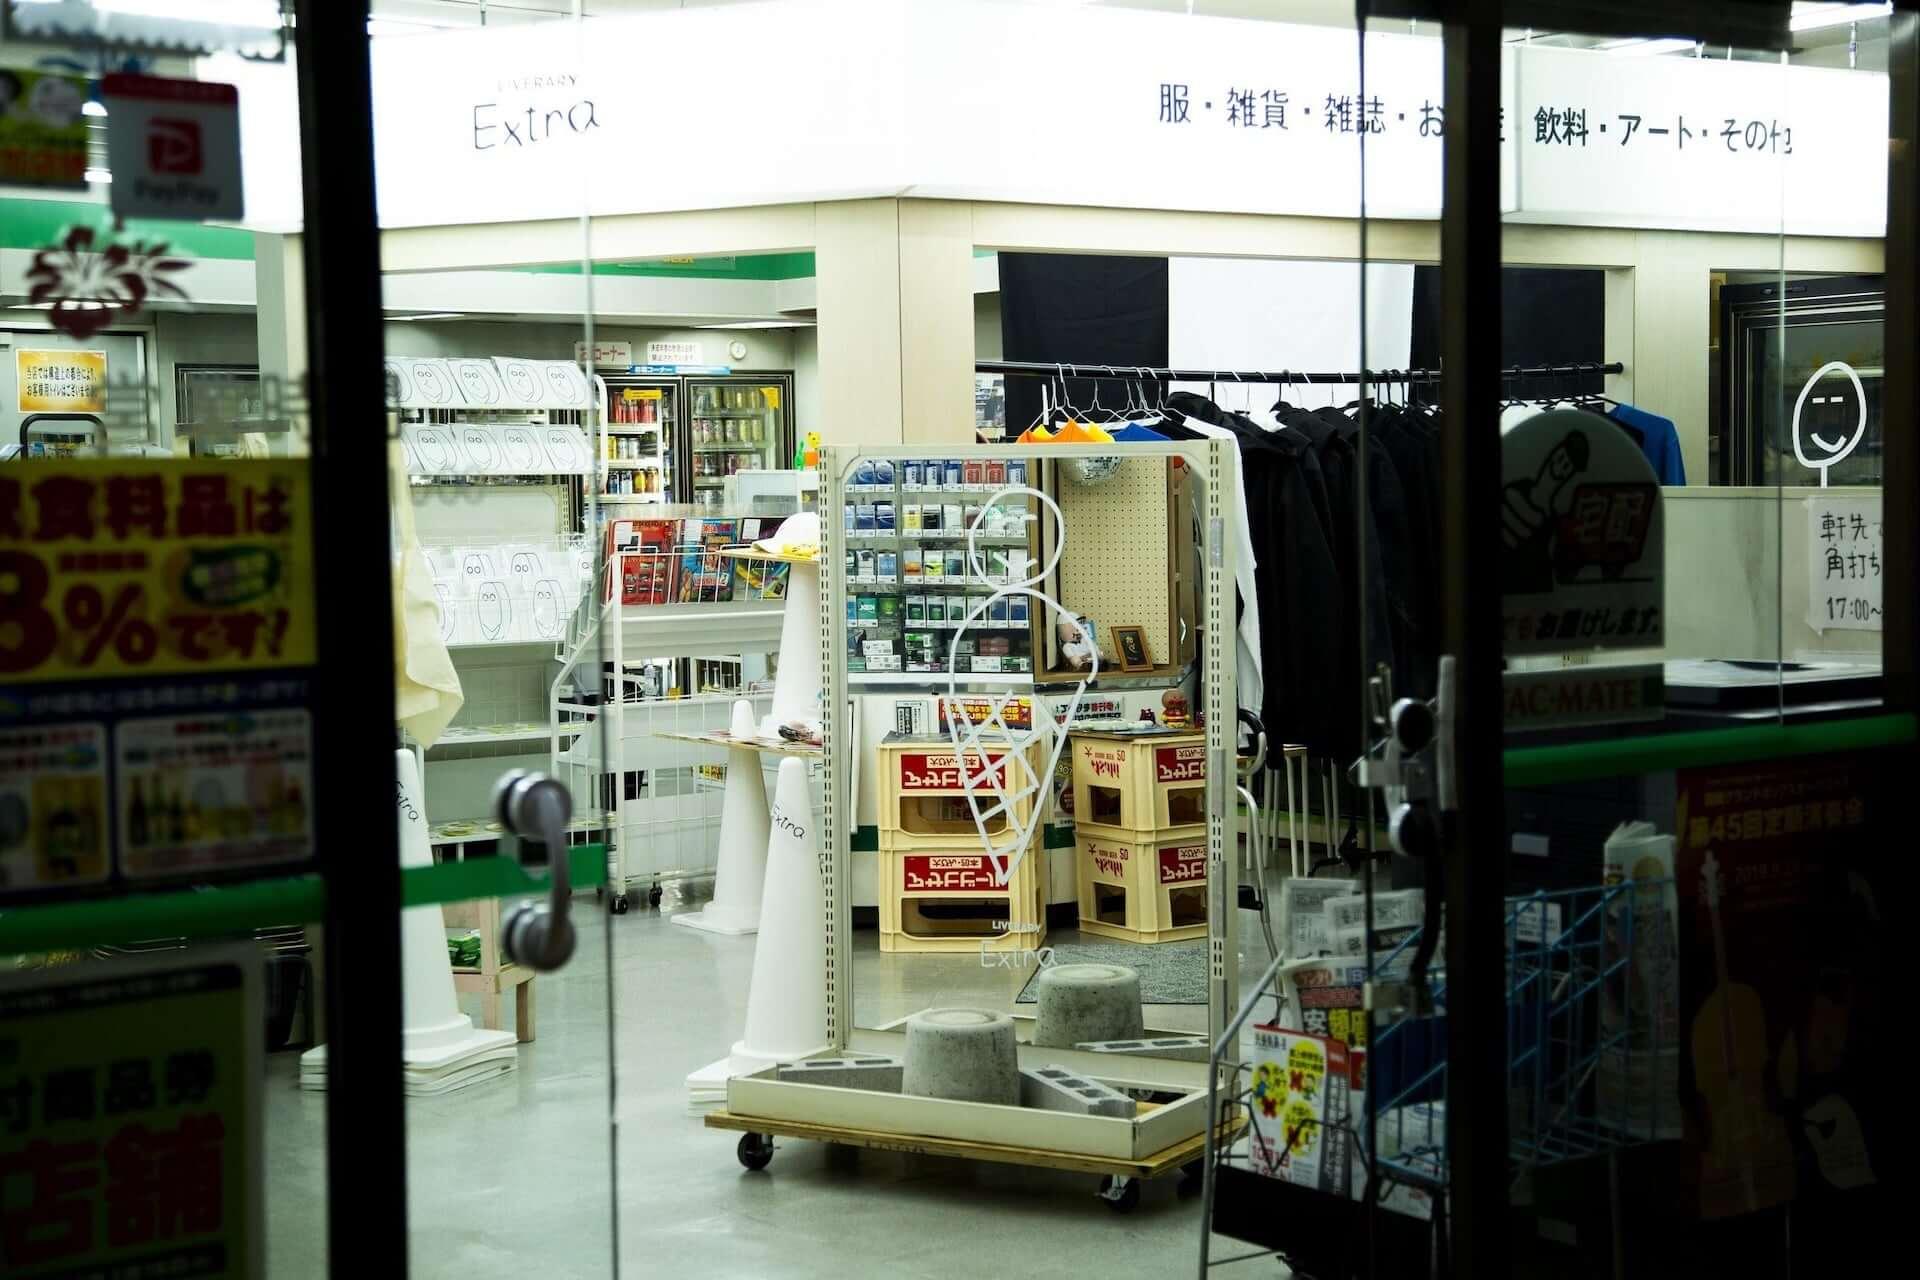 名古屋のローカルカルチャーが渋谷PARCO・COMINGSOONに集結!「LIVERARY Extra」によるポップアップショップが期間限定で開催決定 art200803_liveraryextra-popup_3-1920x1280